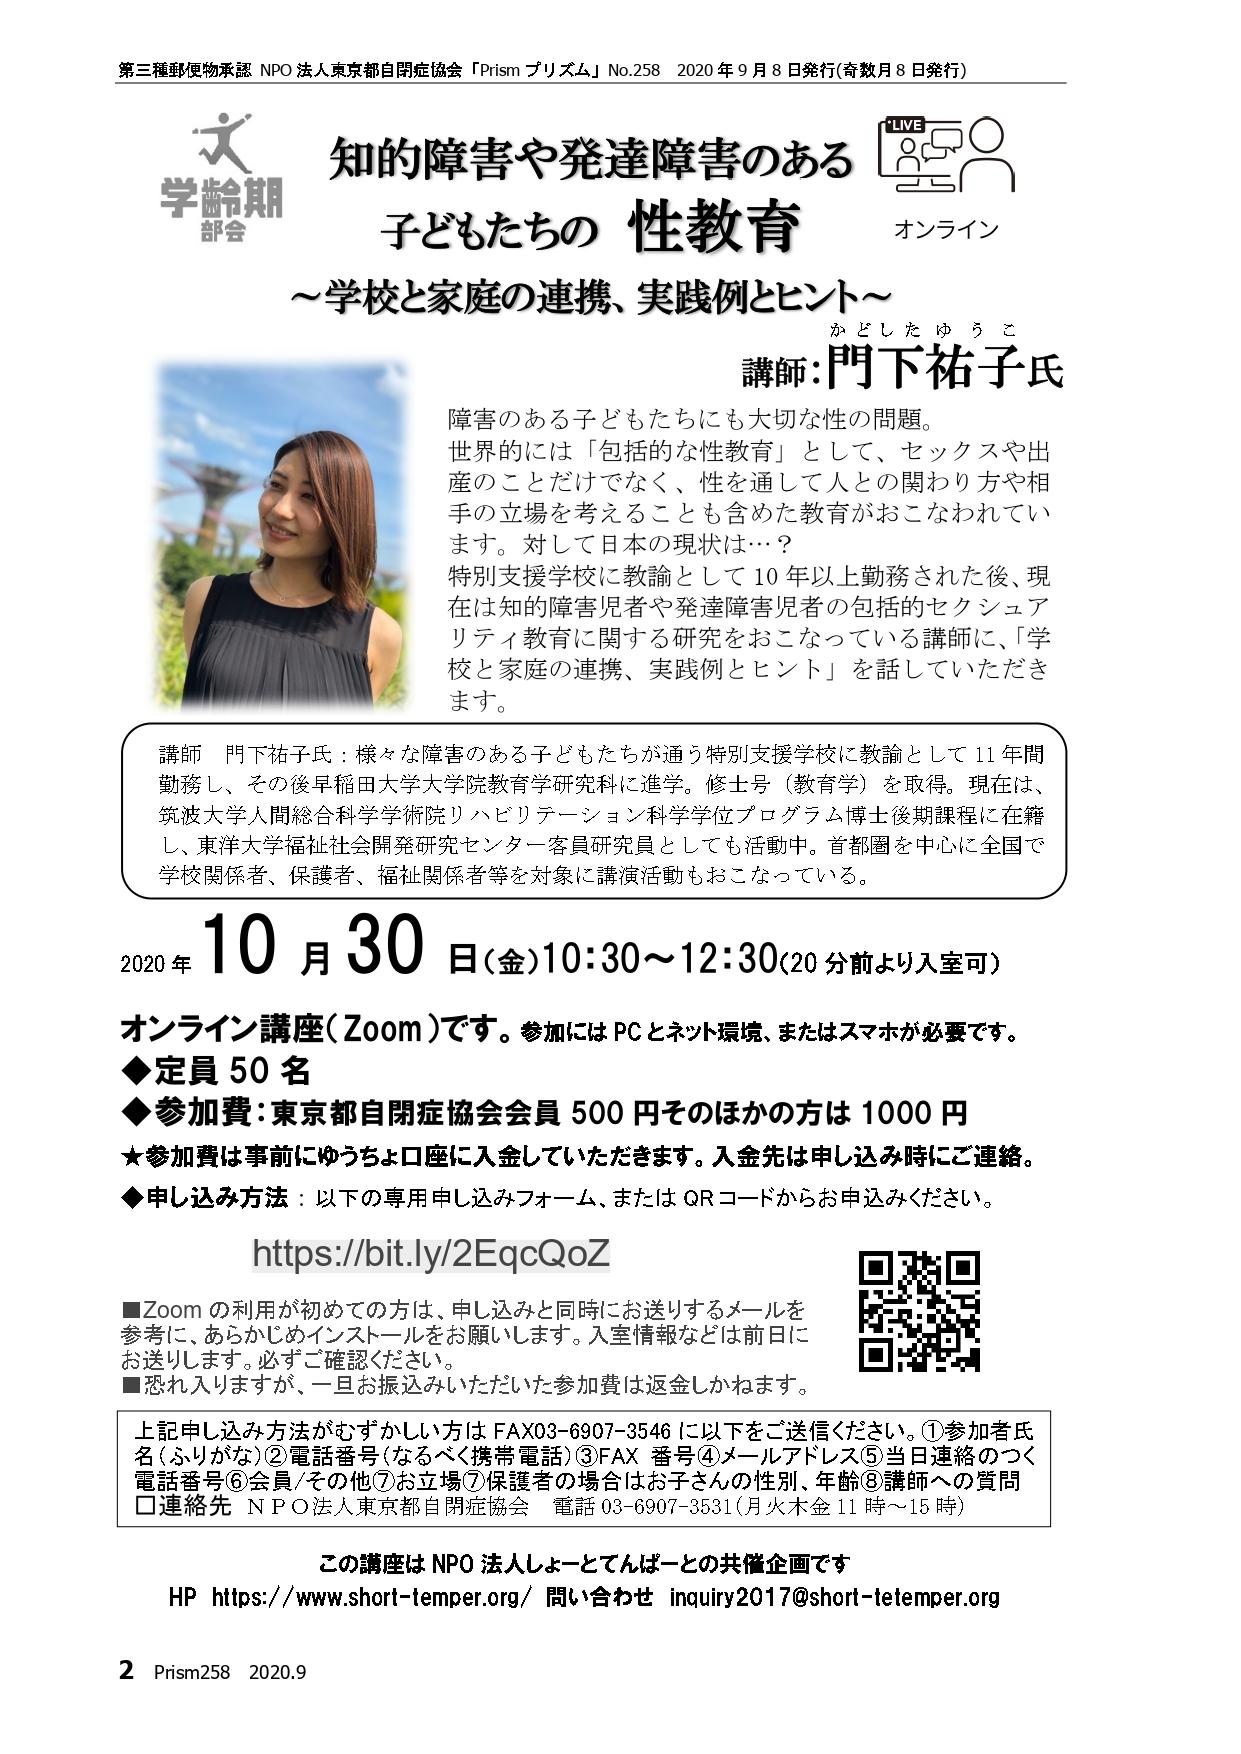 プリズム258性教育_page-0001.jpg